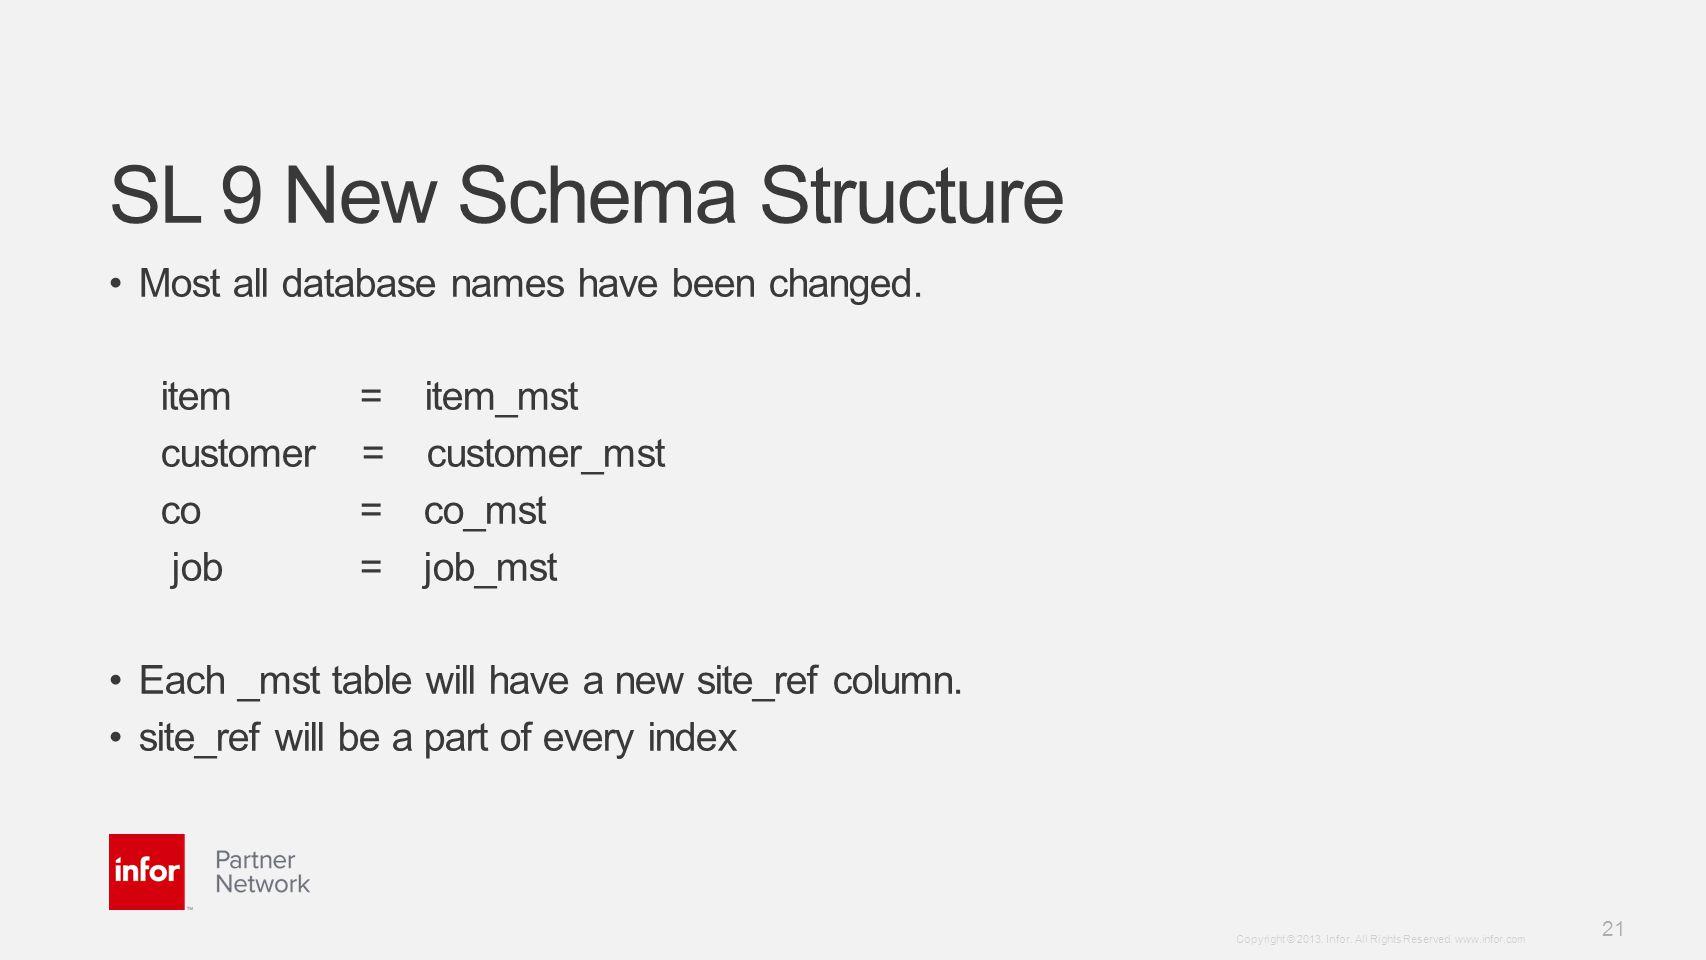 SL 9 New Schema Structure